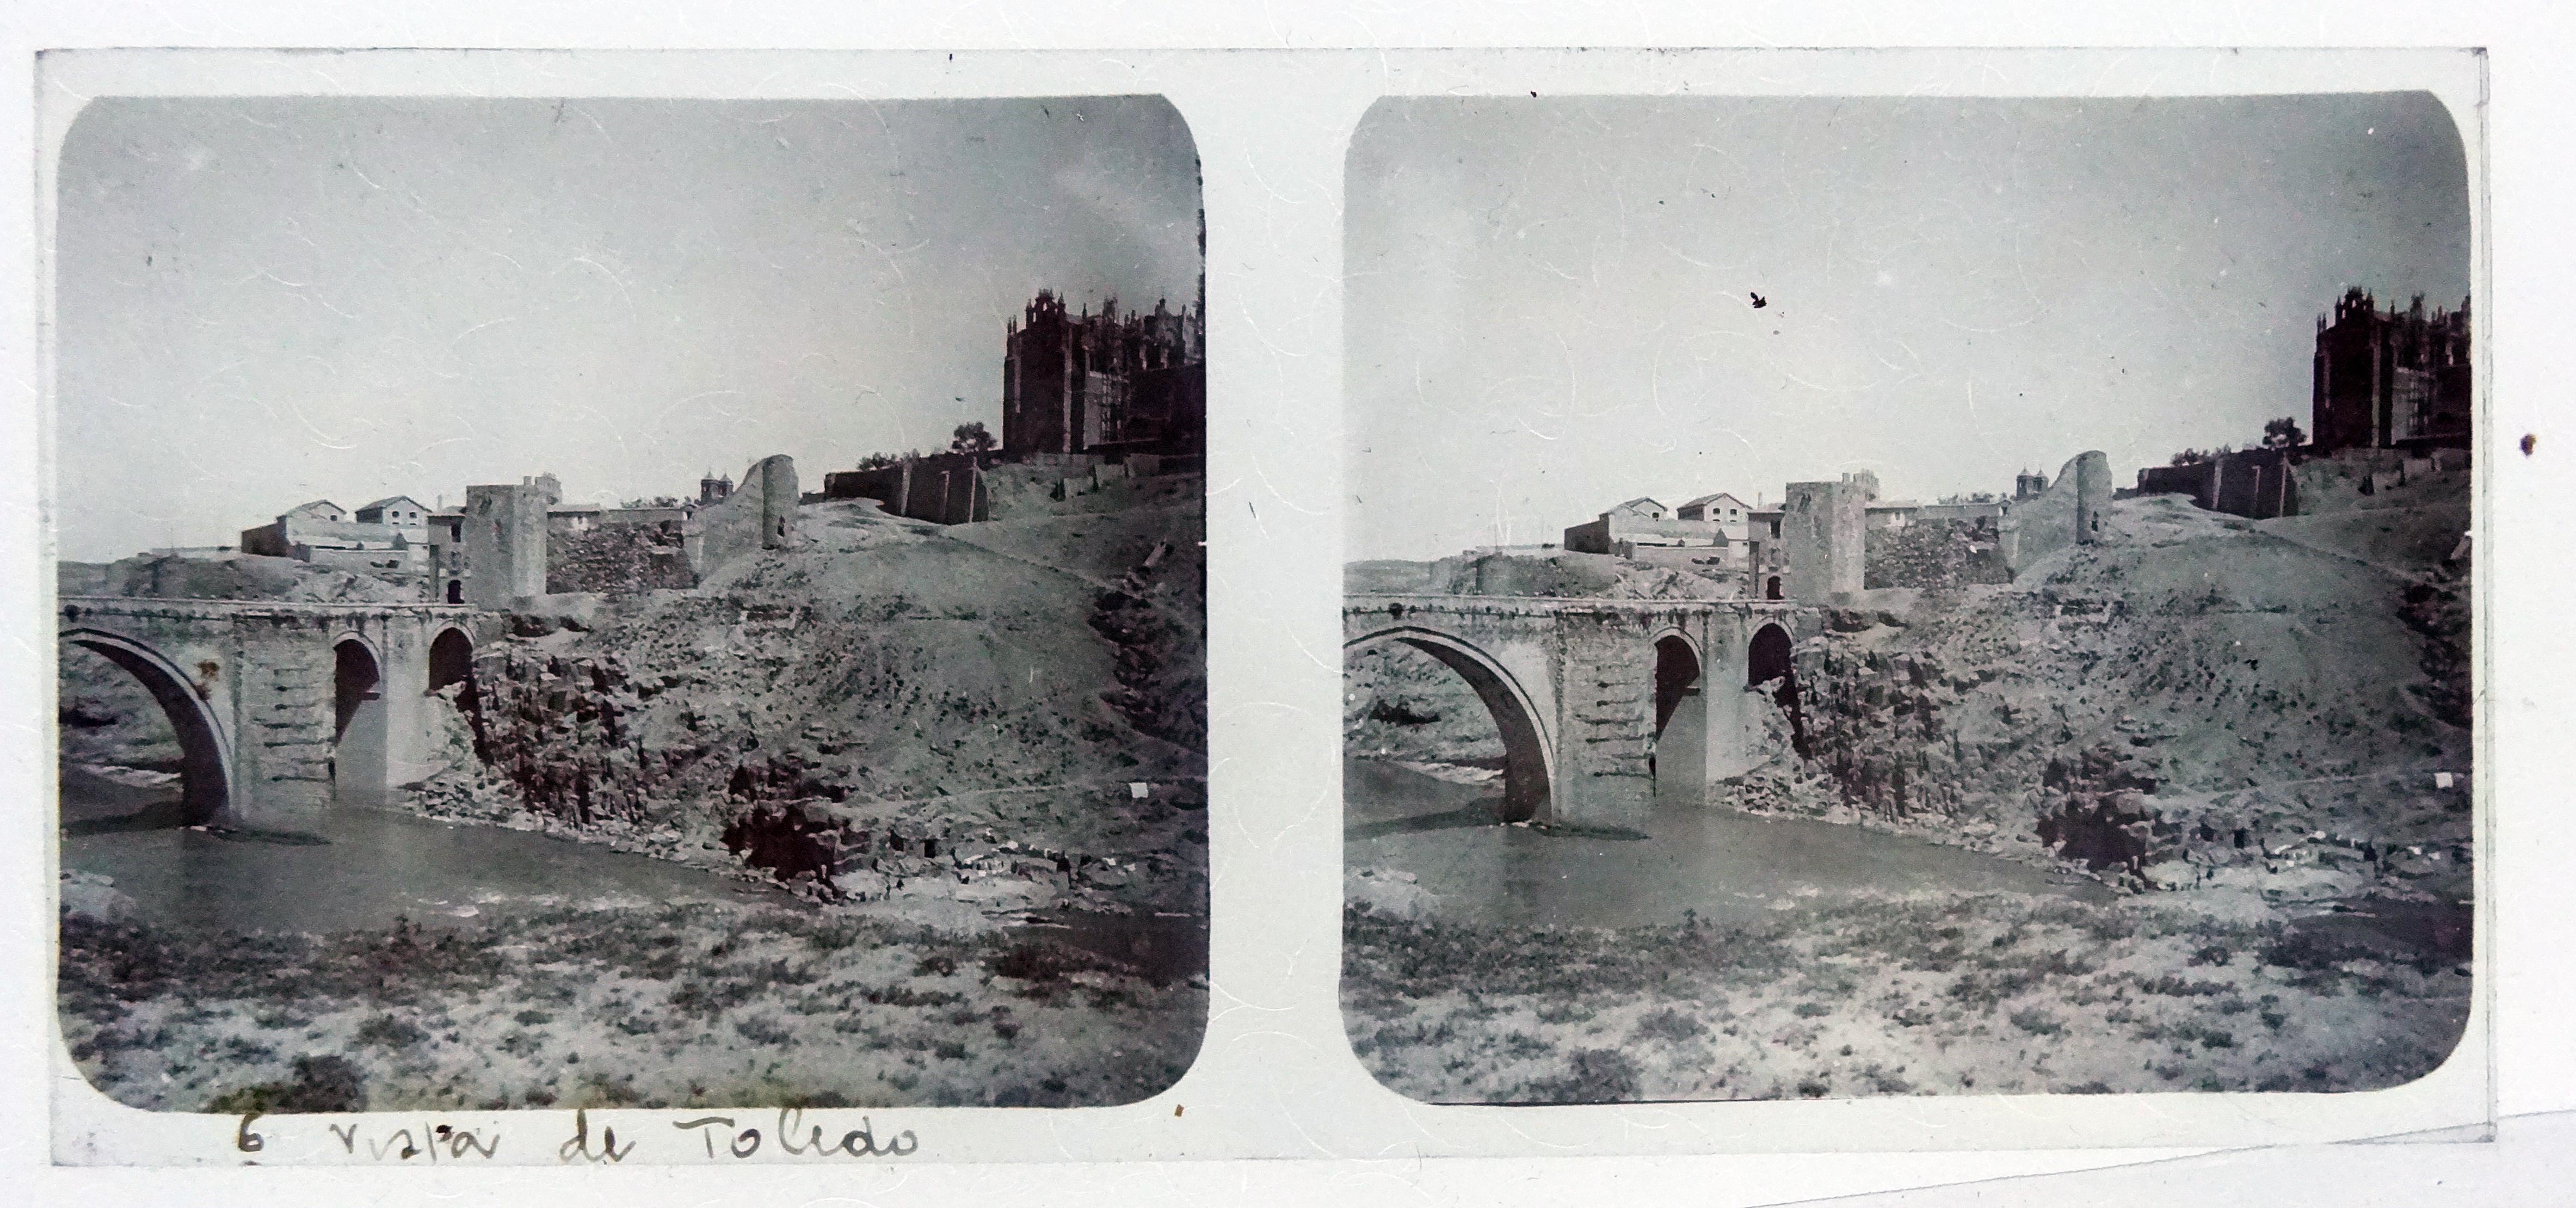 Puente de San Martín. Fotografía de Francisco Rodríguez Avial hacia 1910 © Herederos de Francisco Rodríguez Avial